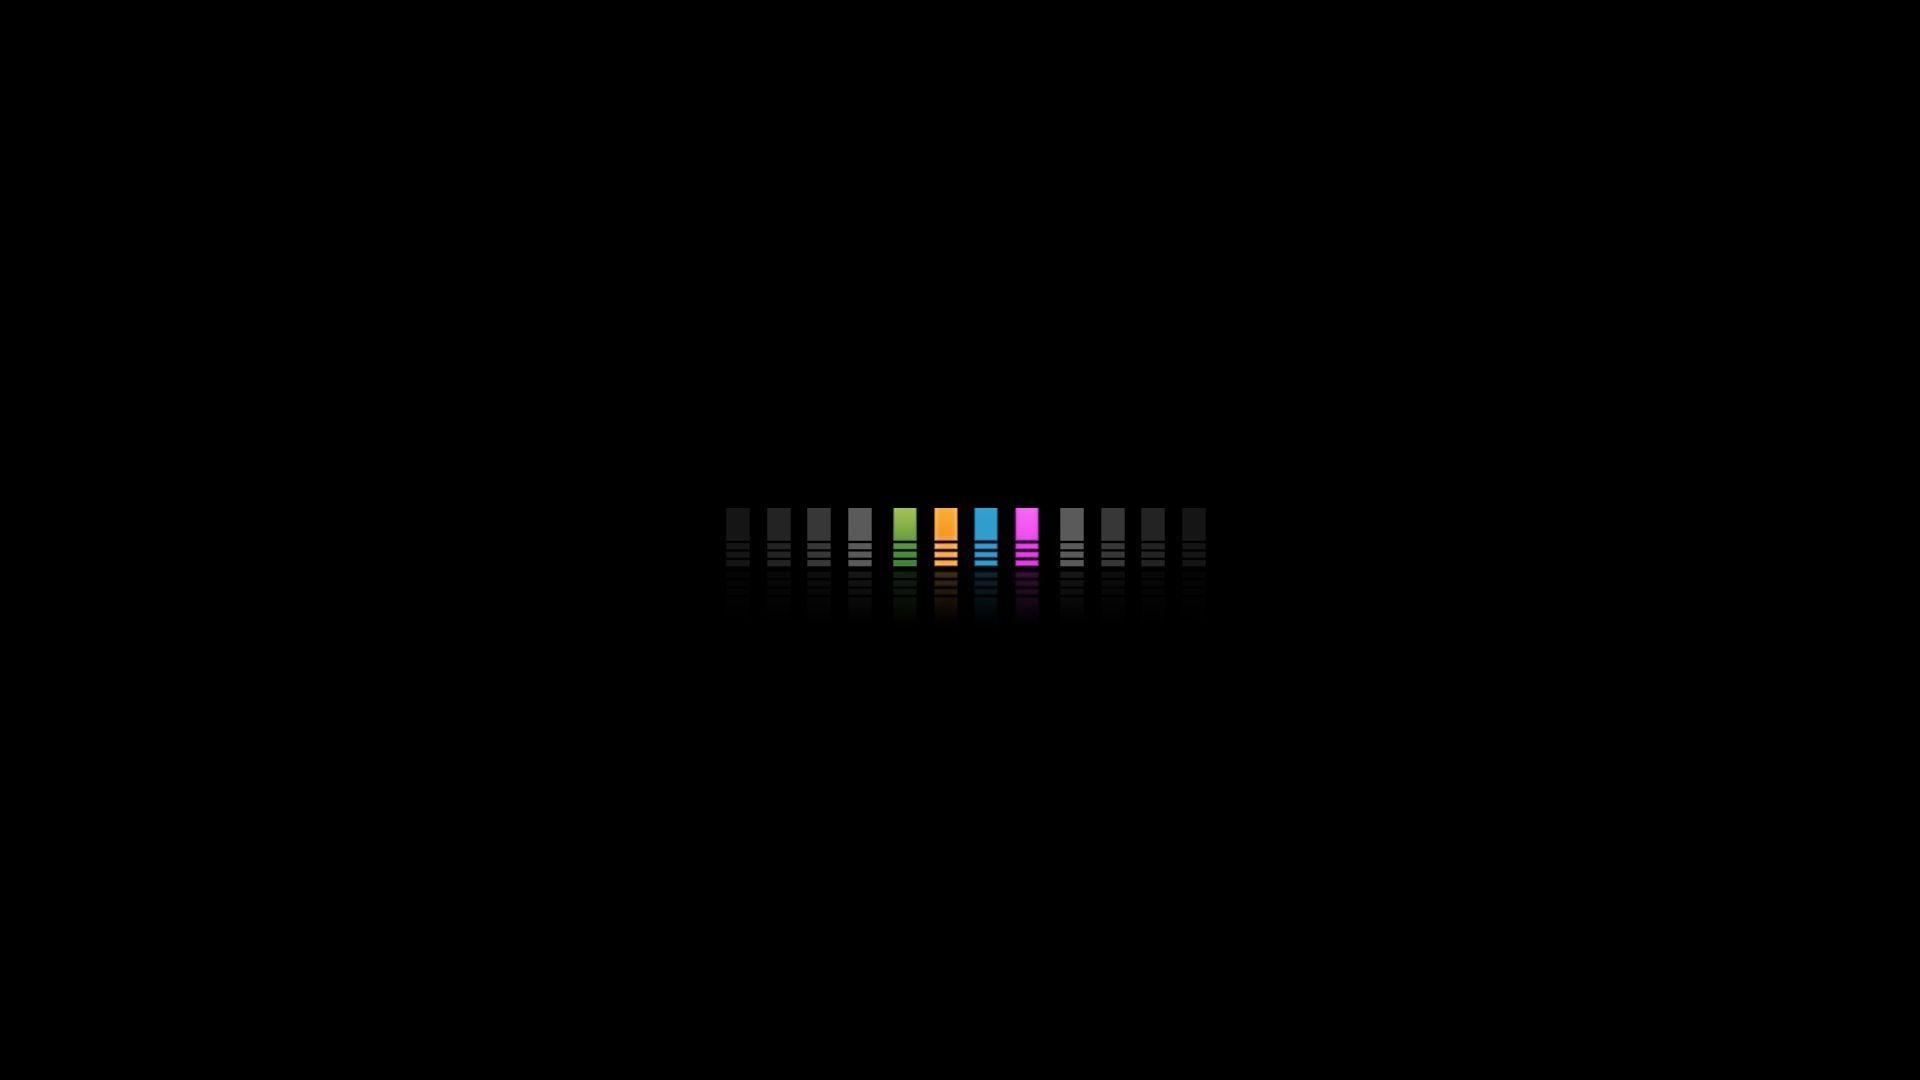 Hình nền đen Full HD